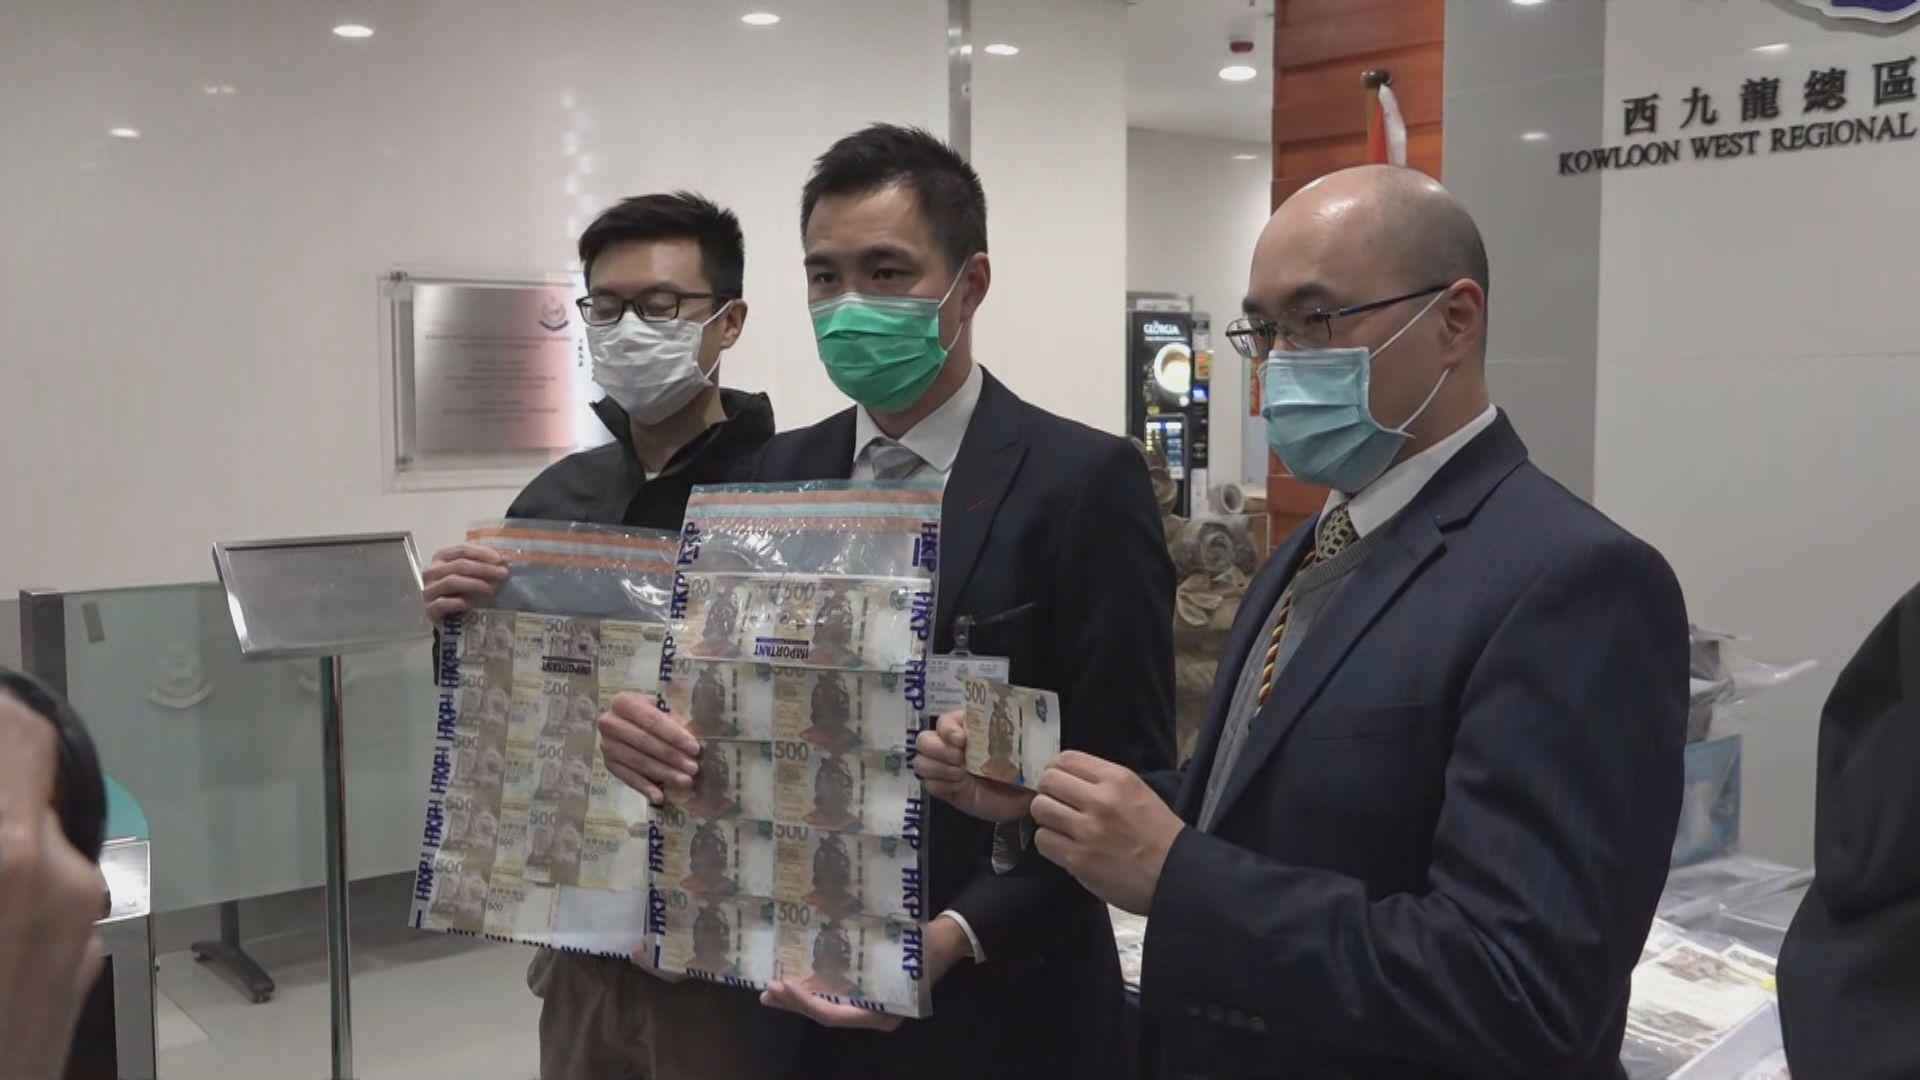 警旺角檢三十多萬元懷疑偽鈔拘五人